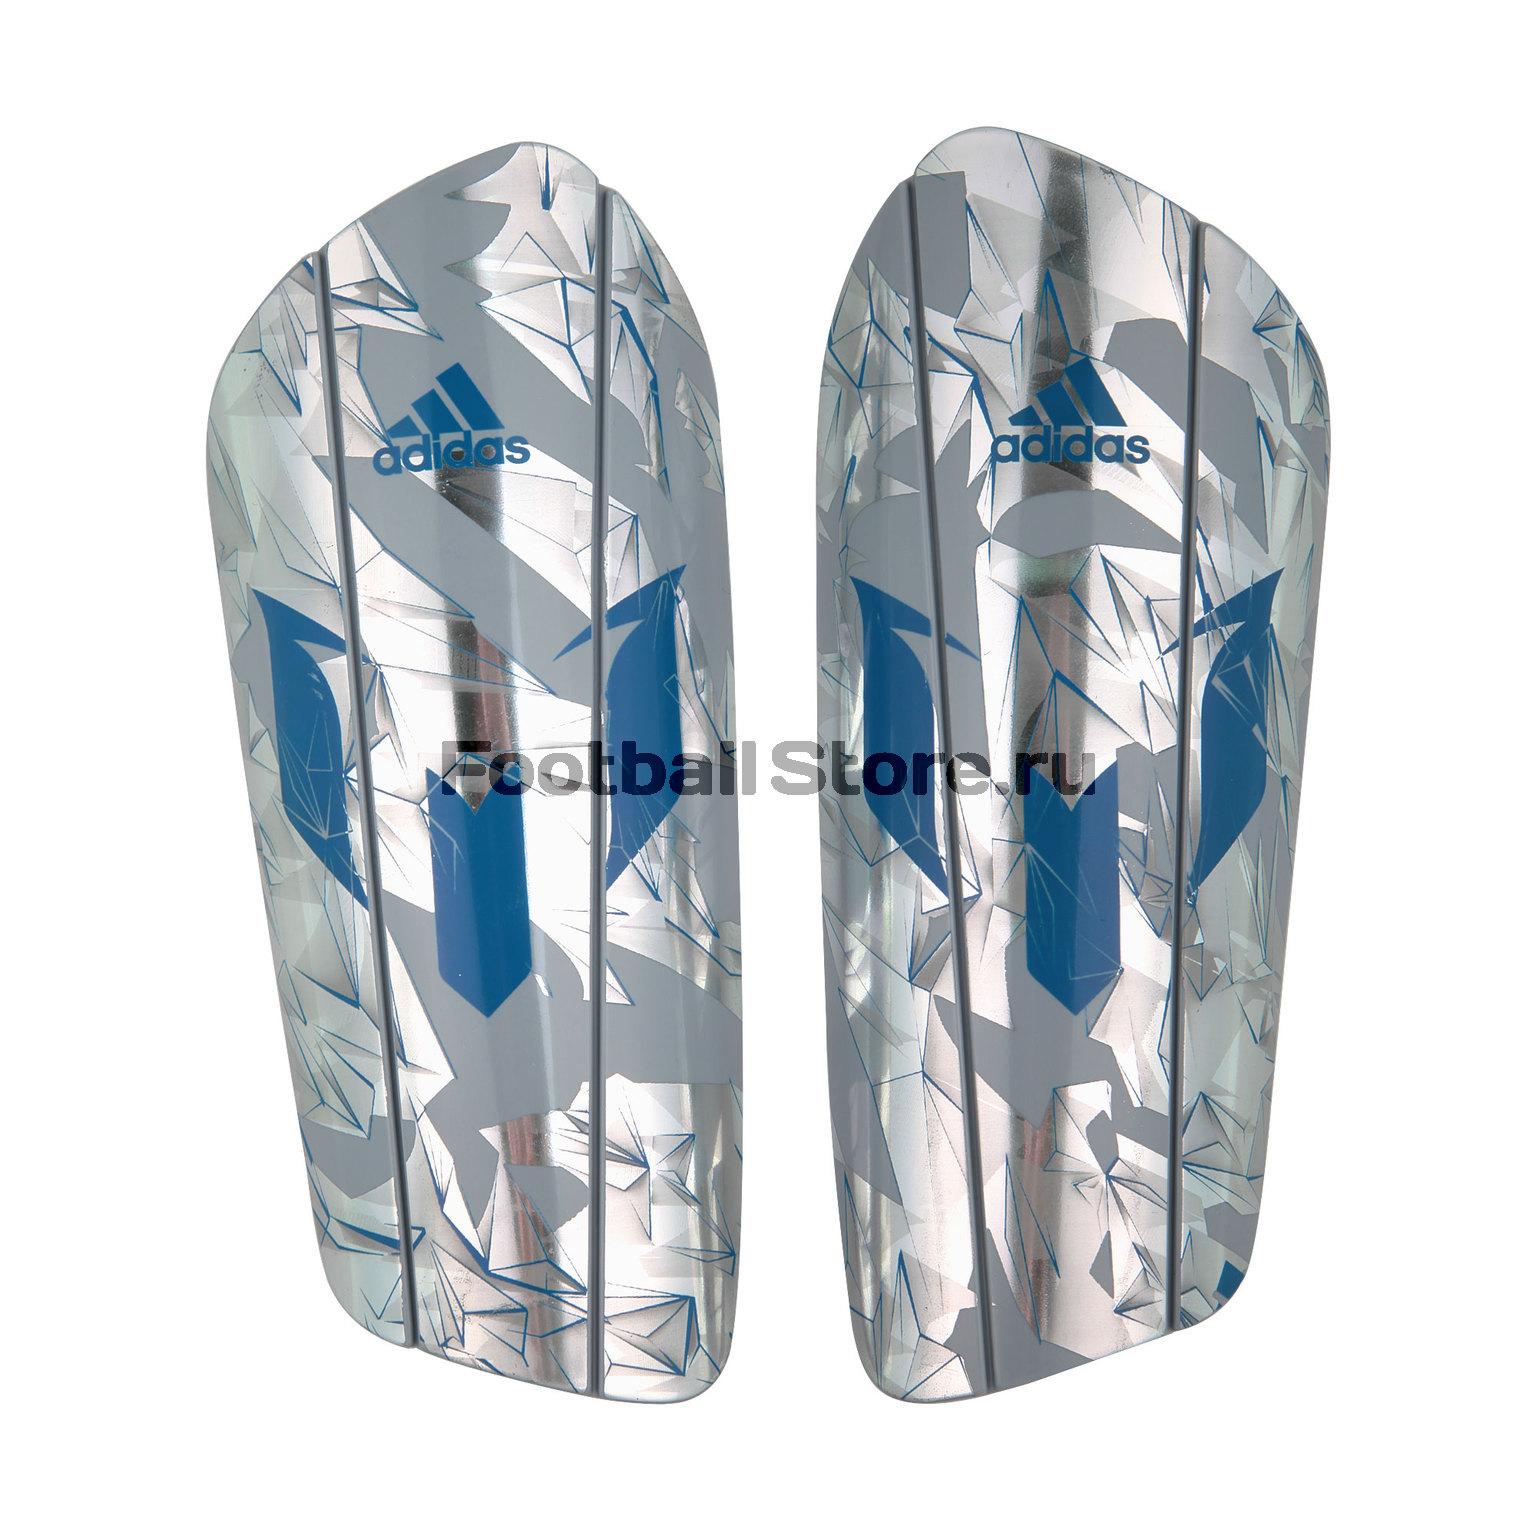 Защита ног Adidas Щитки Adidas Messi 10 Pro AP7069